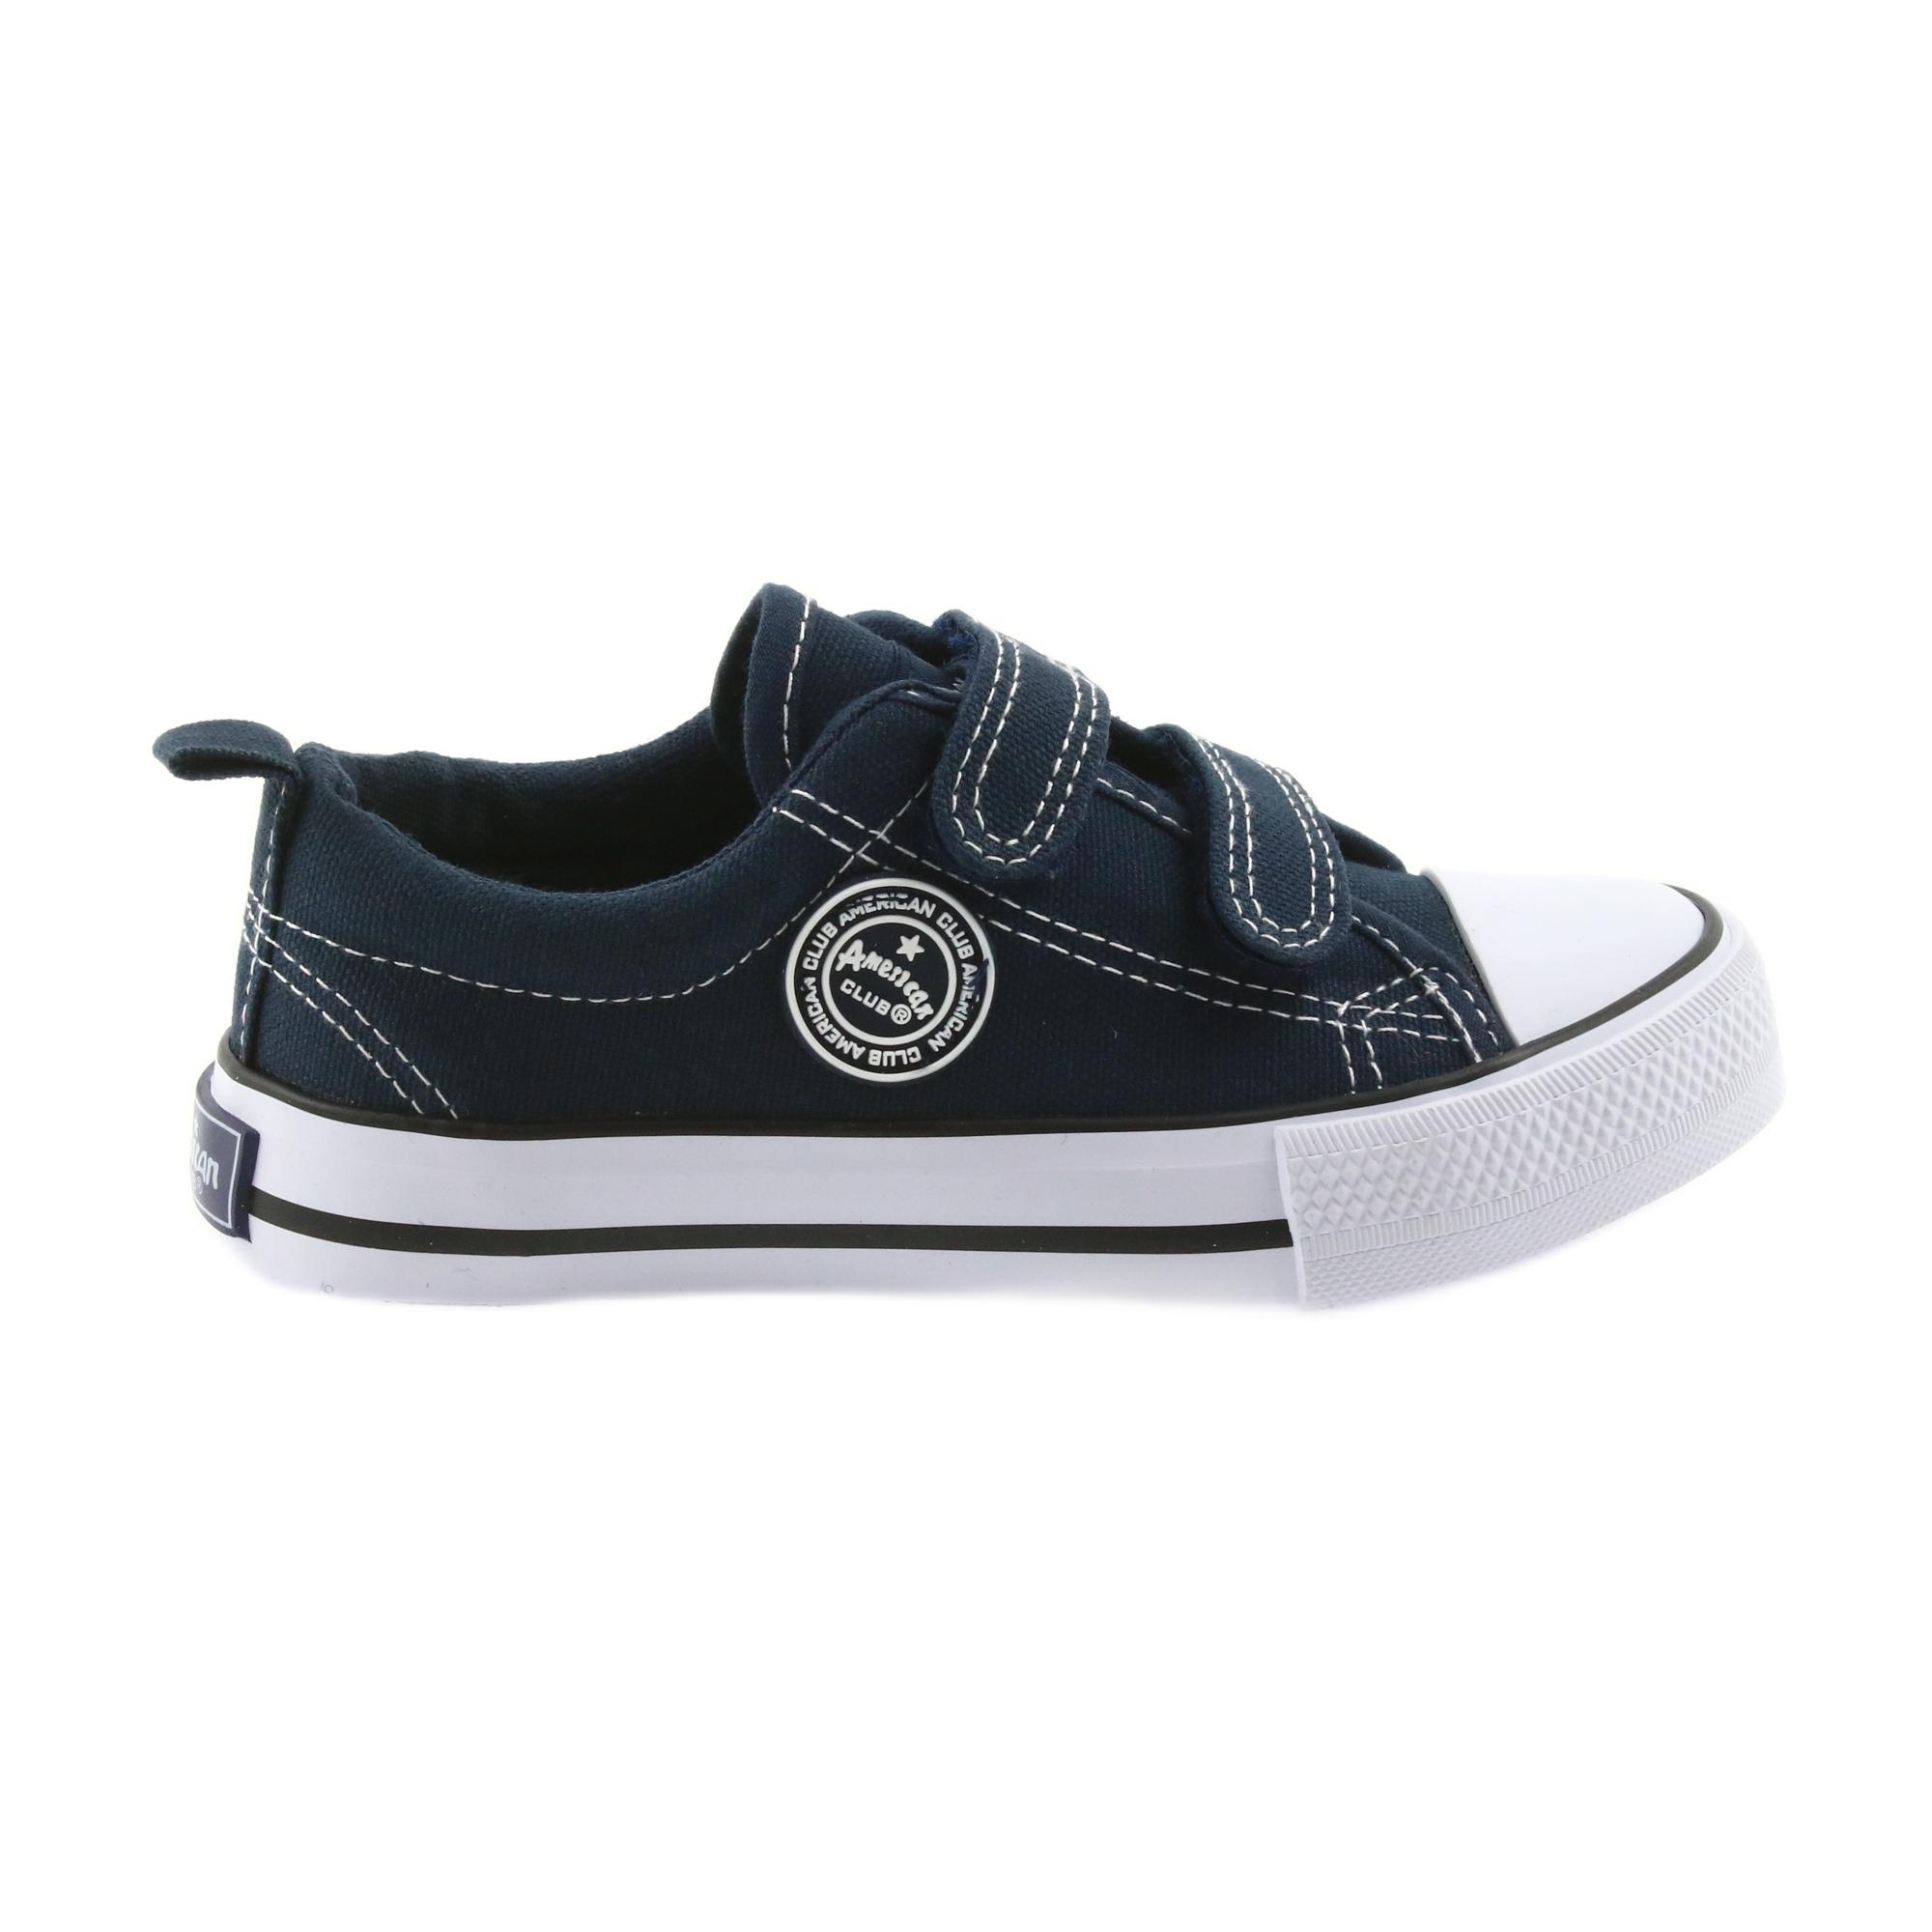 sports shoes c0769 4642a American Club Scarpe da ginnastica americane scarpe da ginnastica per  bambini